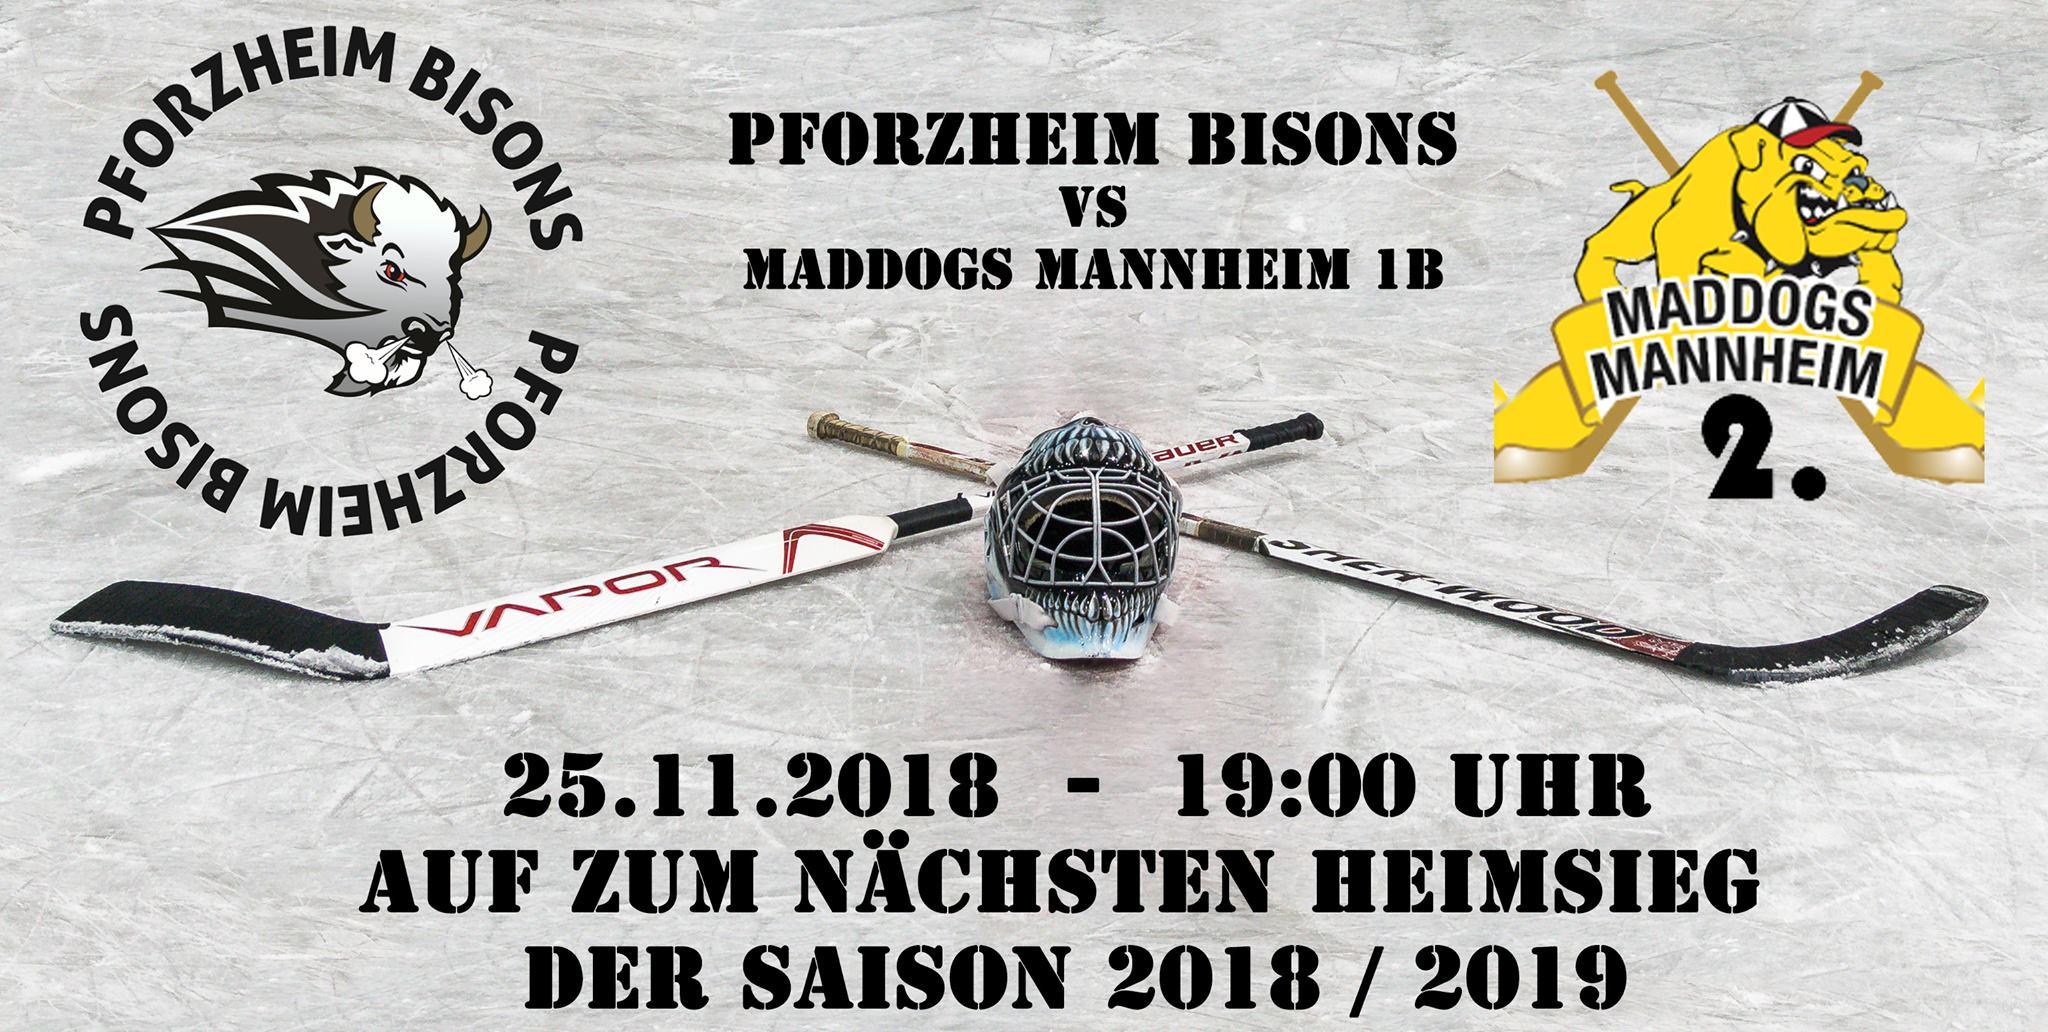 Bisons gefordert gegen Mannheim